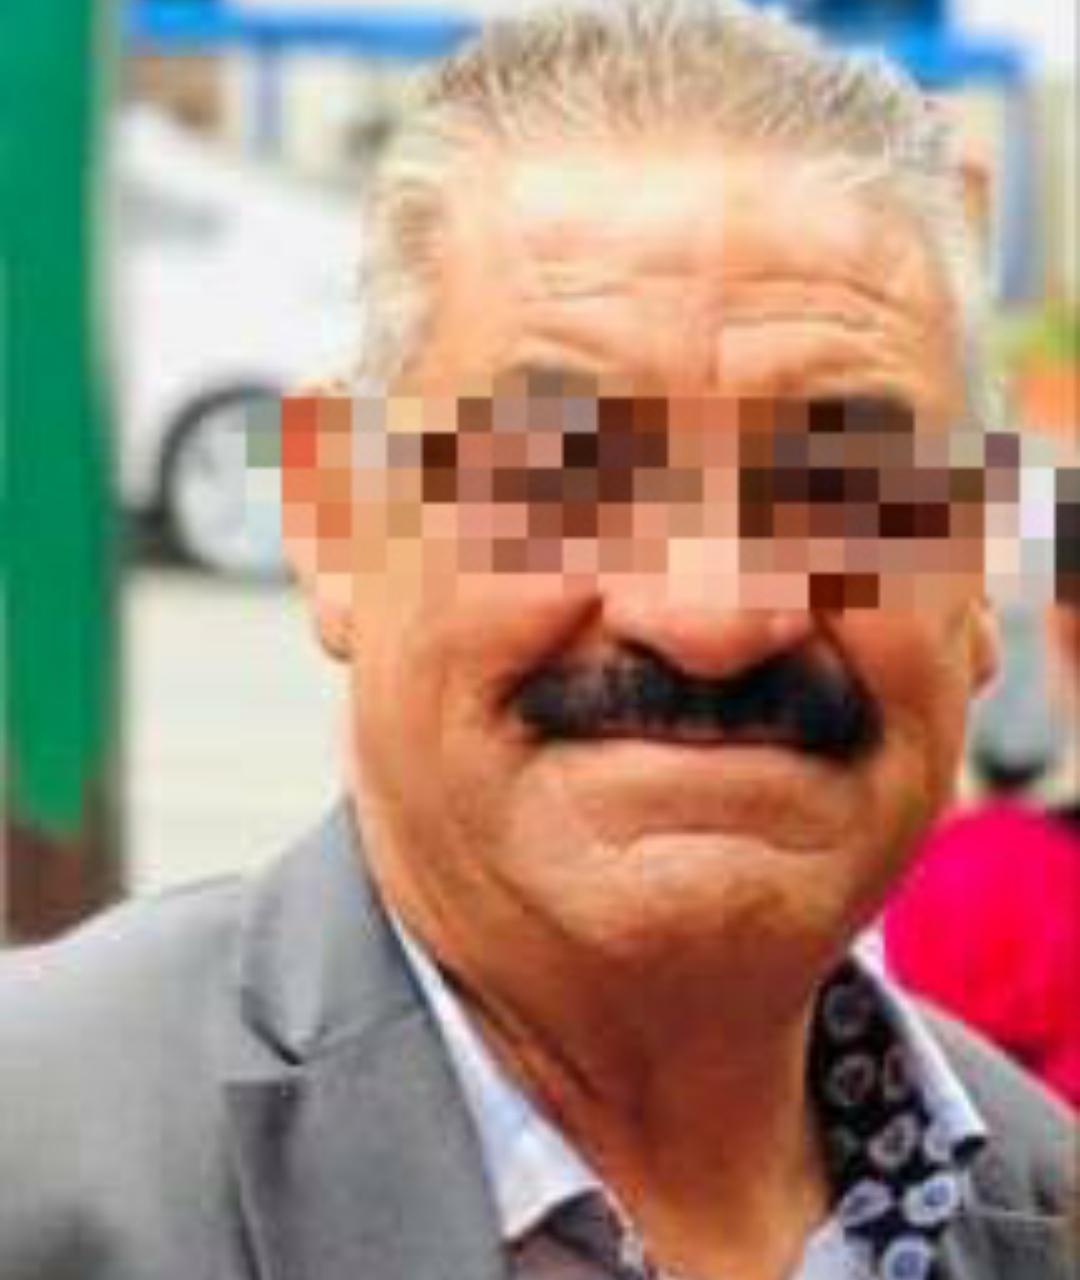 Denuncian ante la FGE a subdirector del ISSSTE por supuesta negligencia que terminó en fatalidad